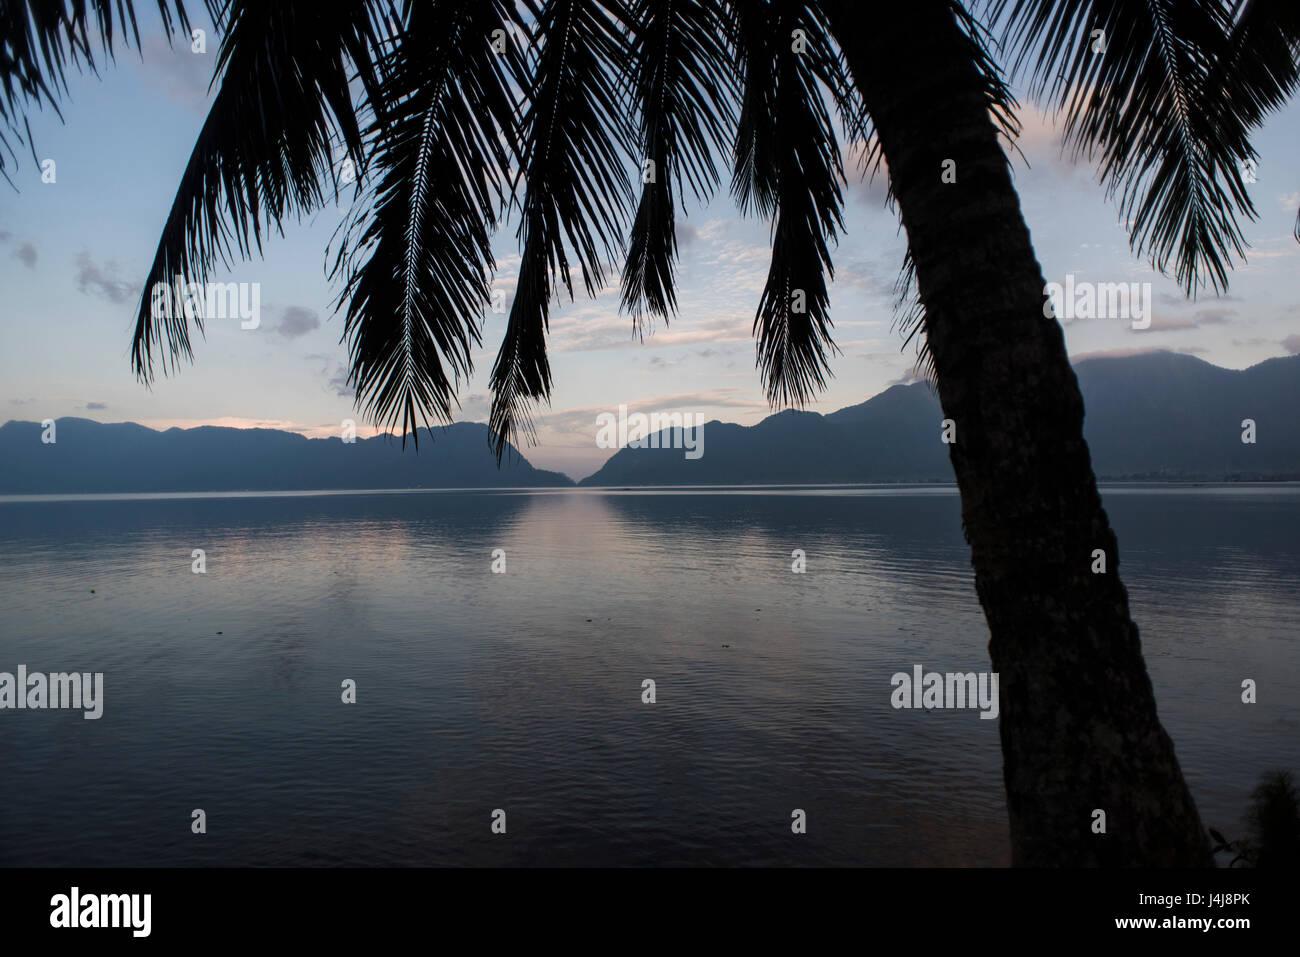 Lake Maninjau, Sumatra, Indonesia. - Stock Image